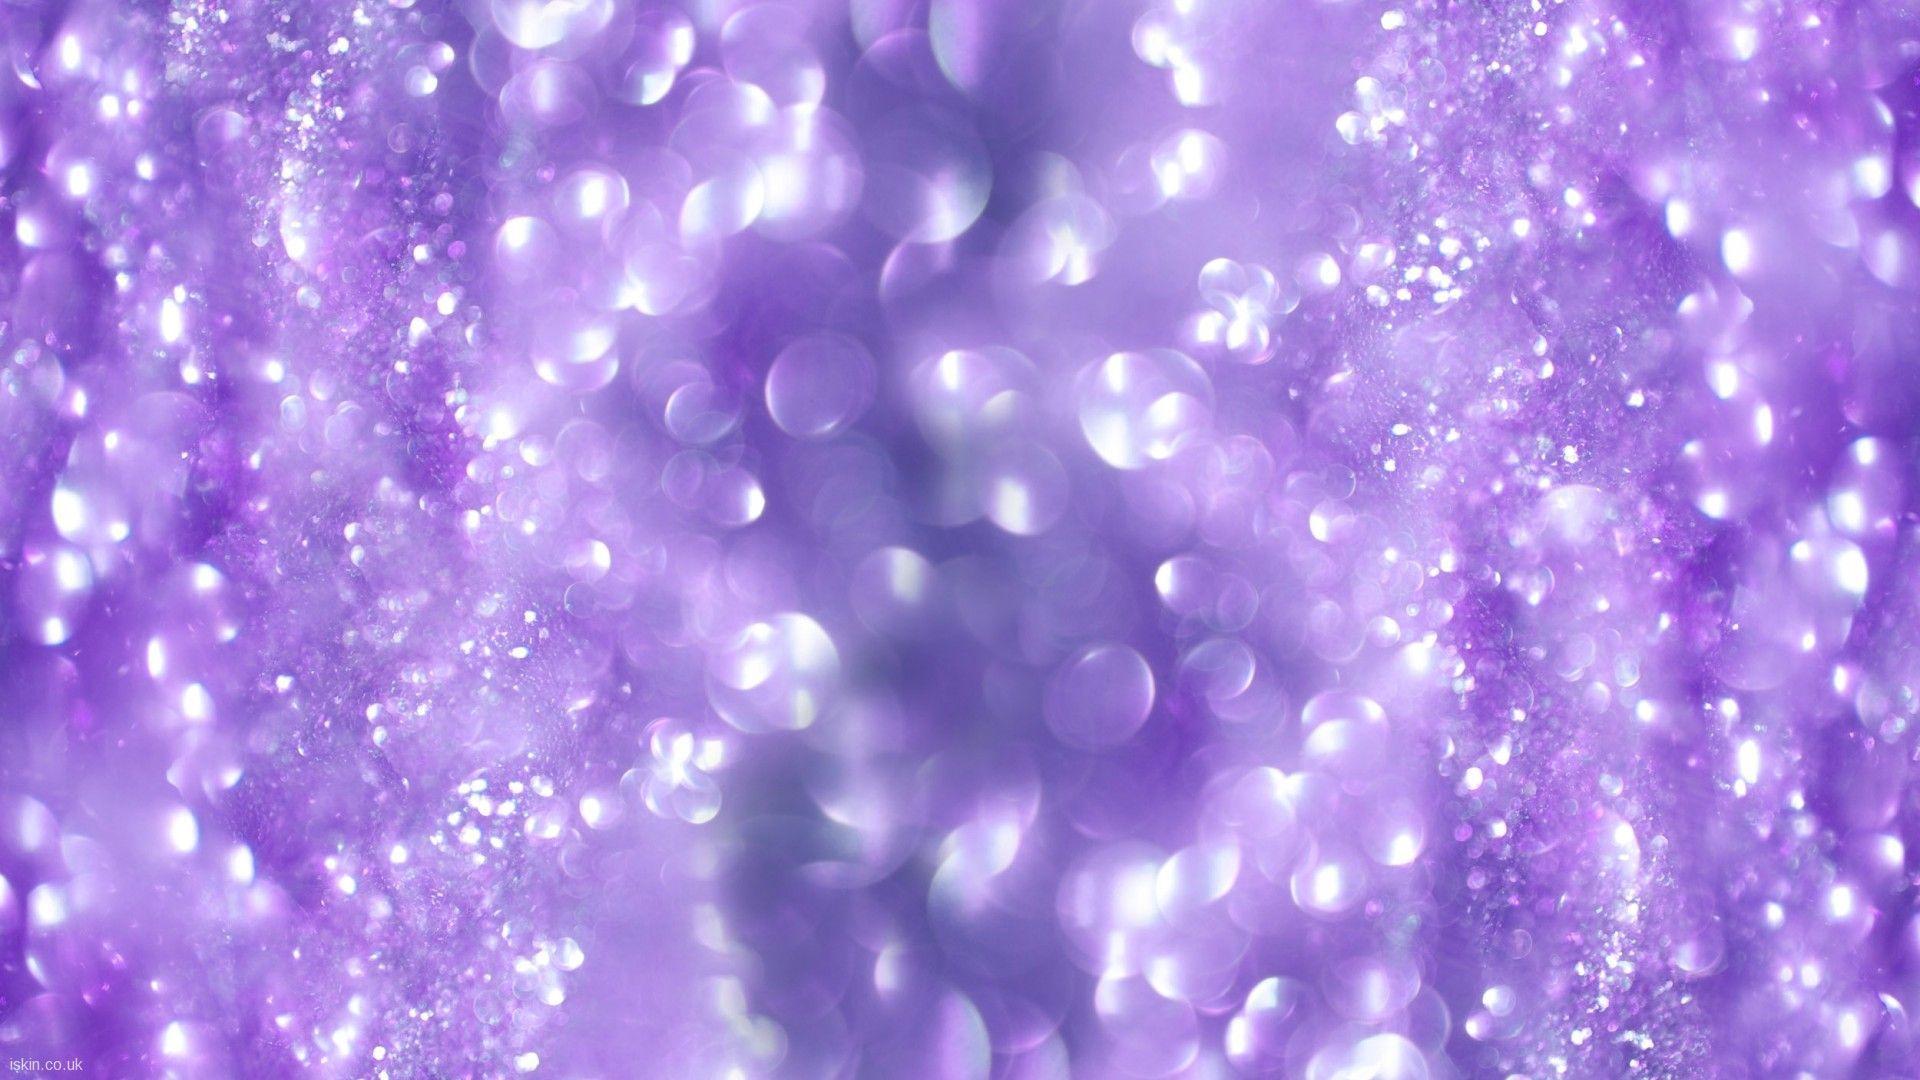 pinmolly sanders on wallpaper for ipod5 | pinterest | sparkle